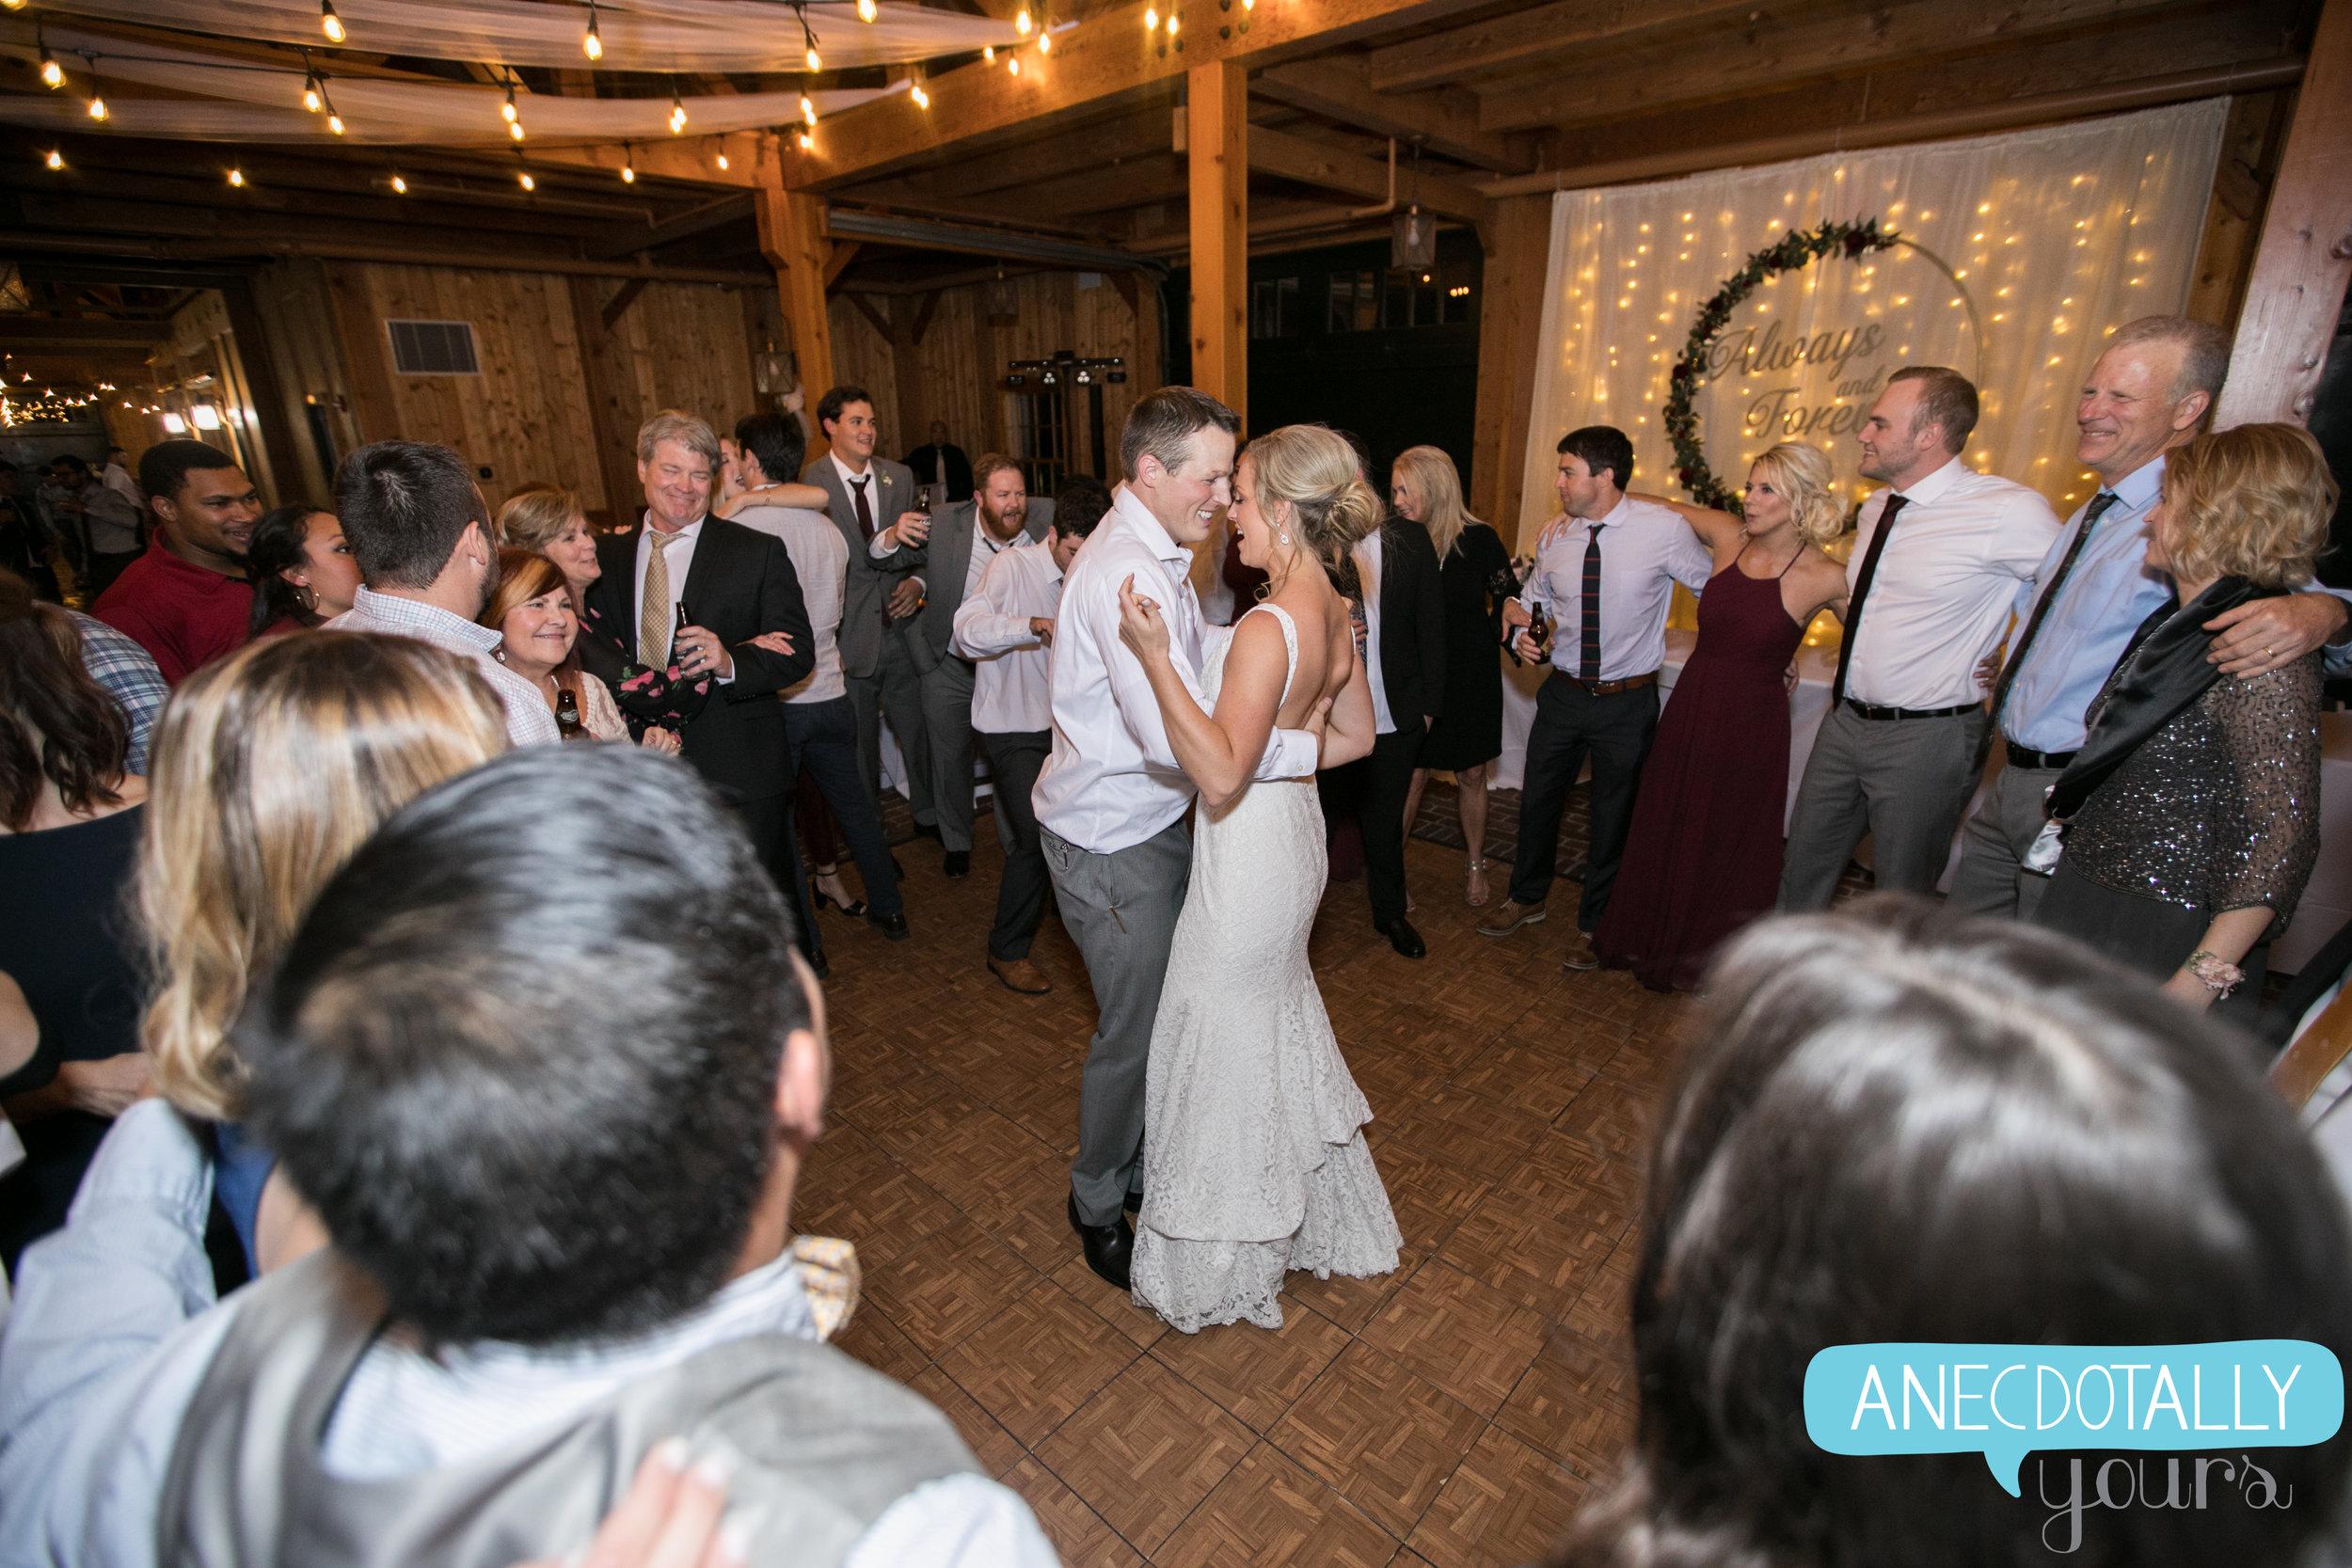 mildale-farm-wedding-186.jpg